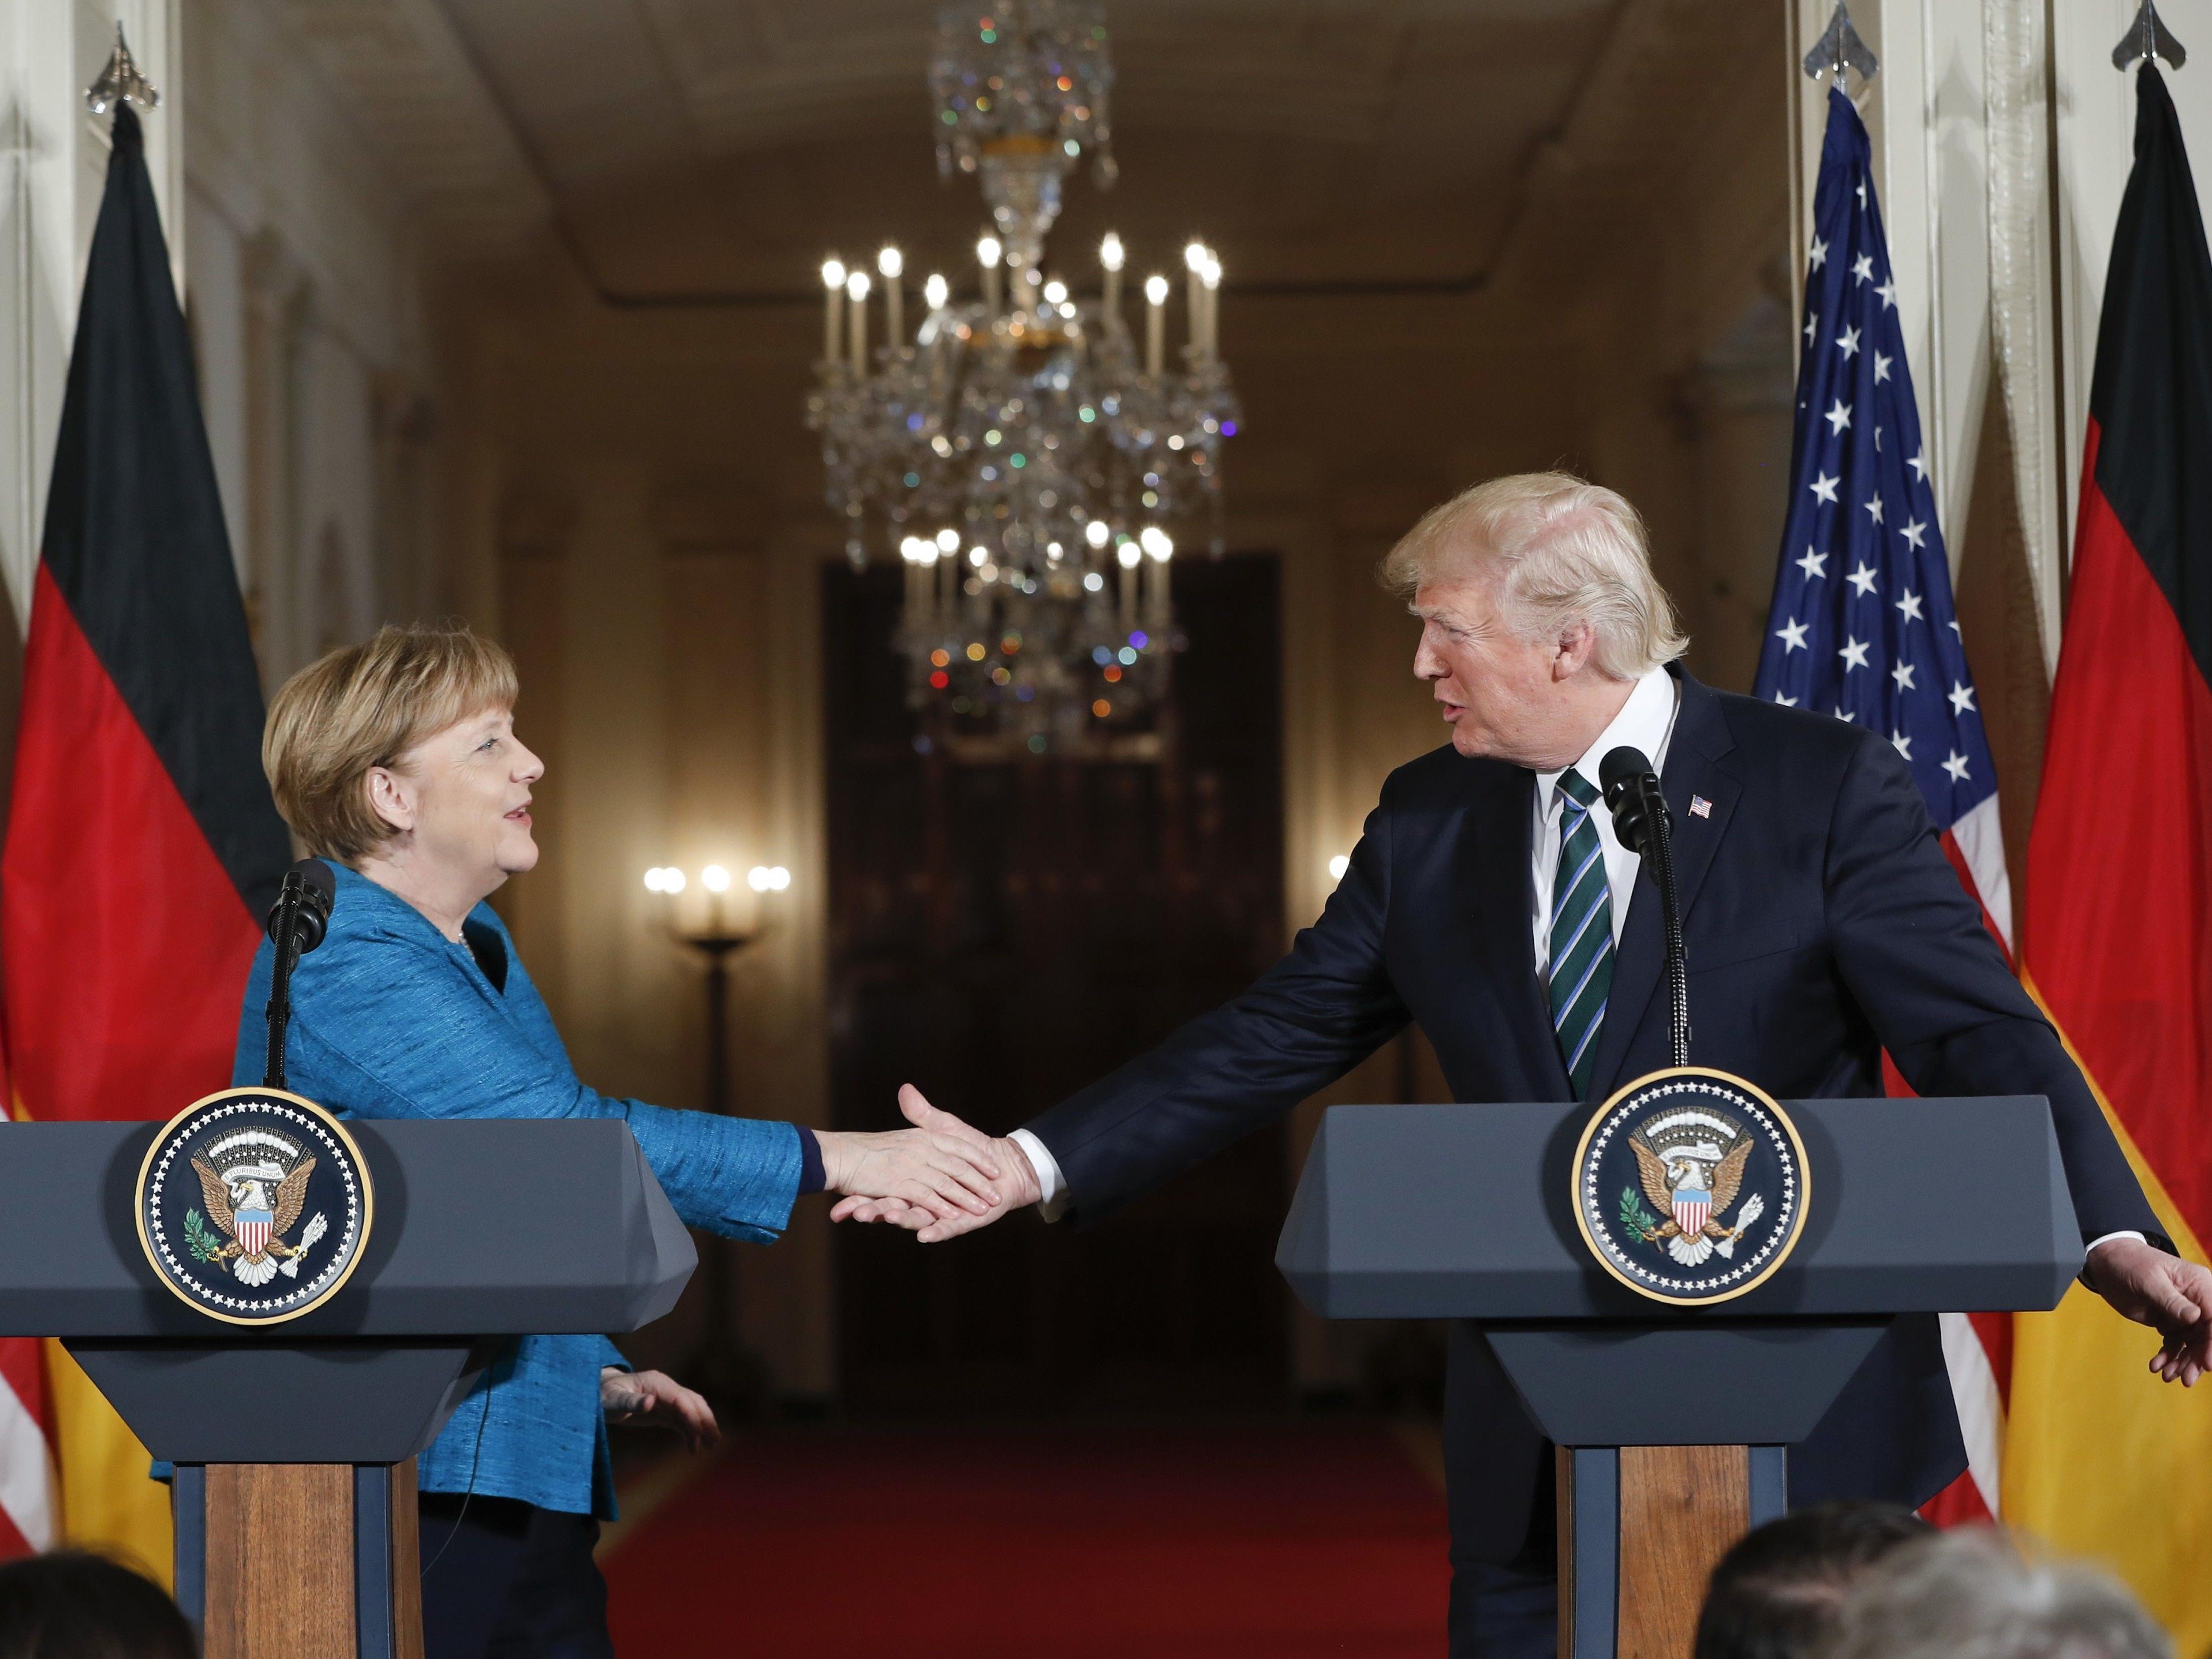 US-Präsident Donald Trump hat beim Besuch von Bundeskanzlerin Angela Merkel seine harte Linie in Fragen der Einwanderung unterstrichen.